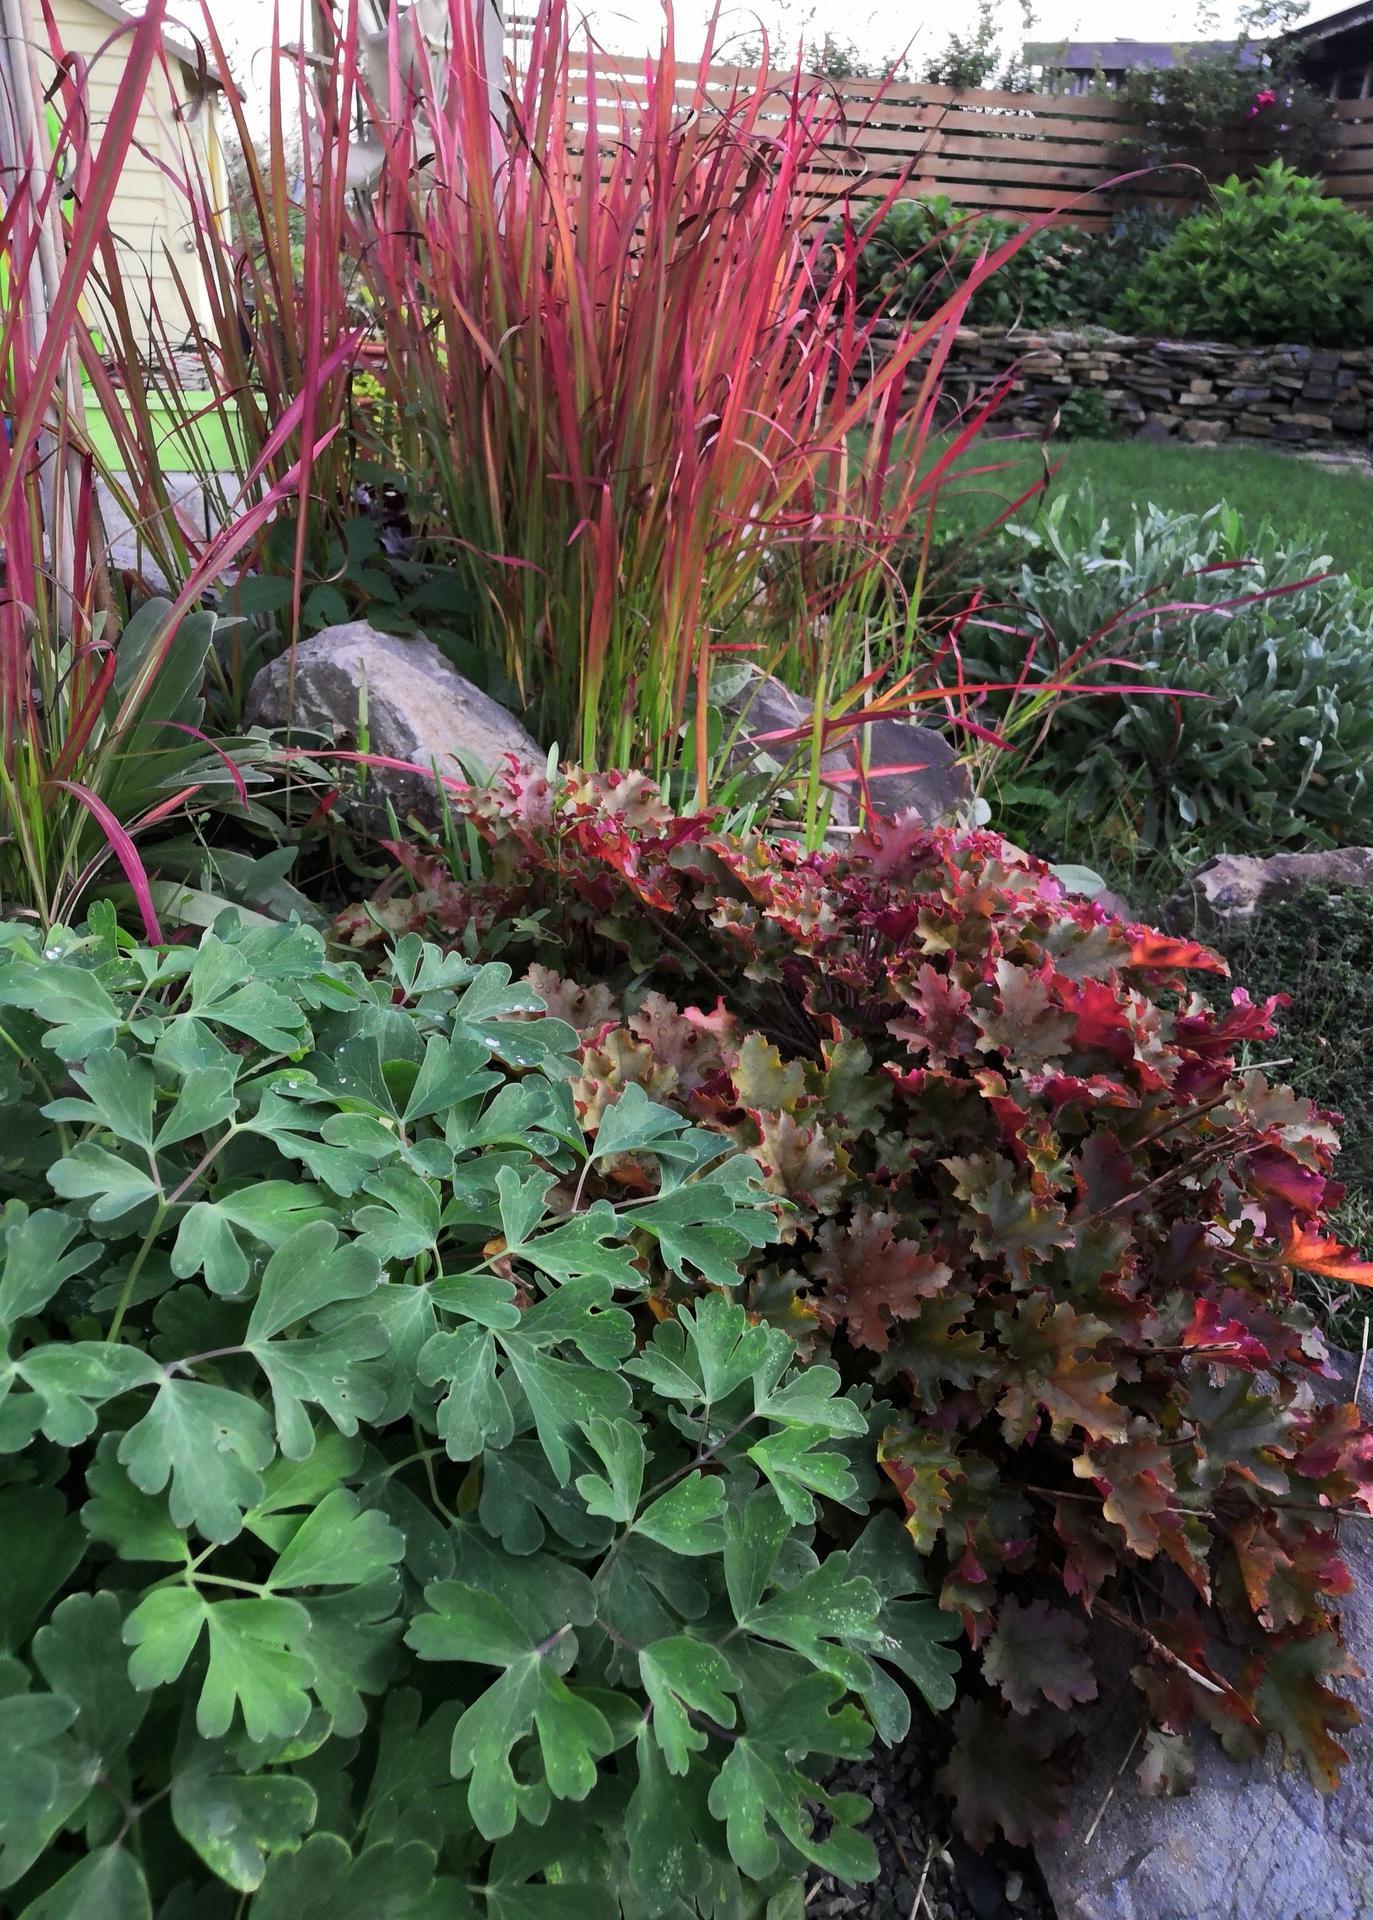 záhrada 2020 - Obrázok č. 132